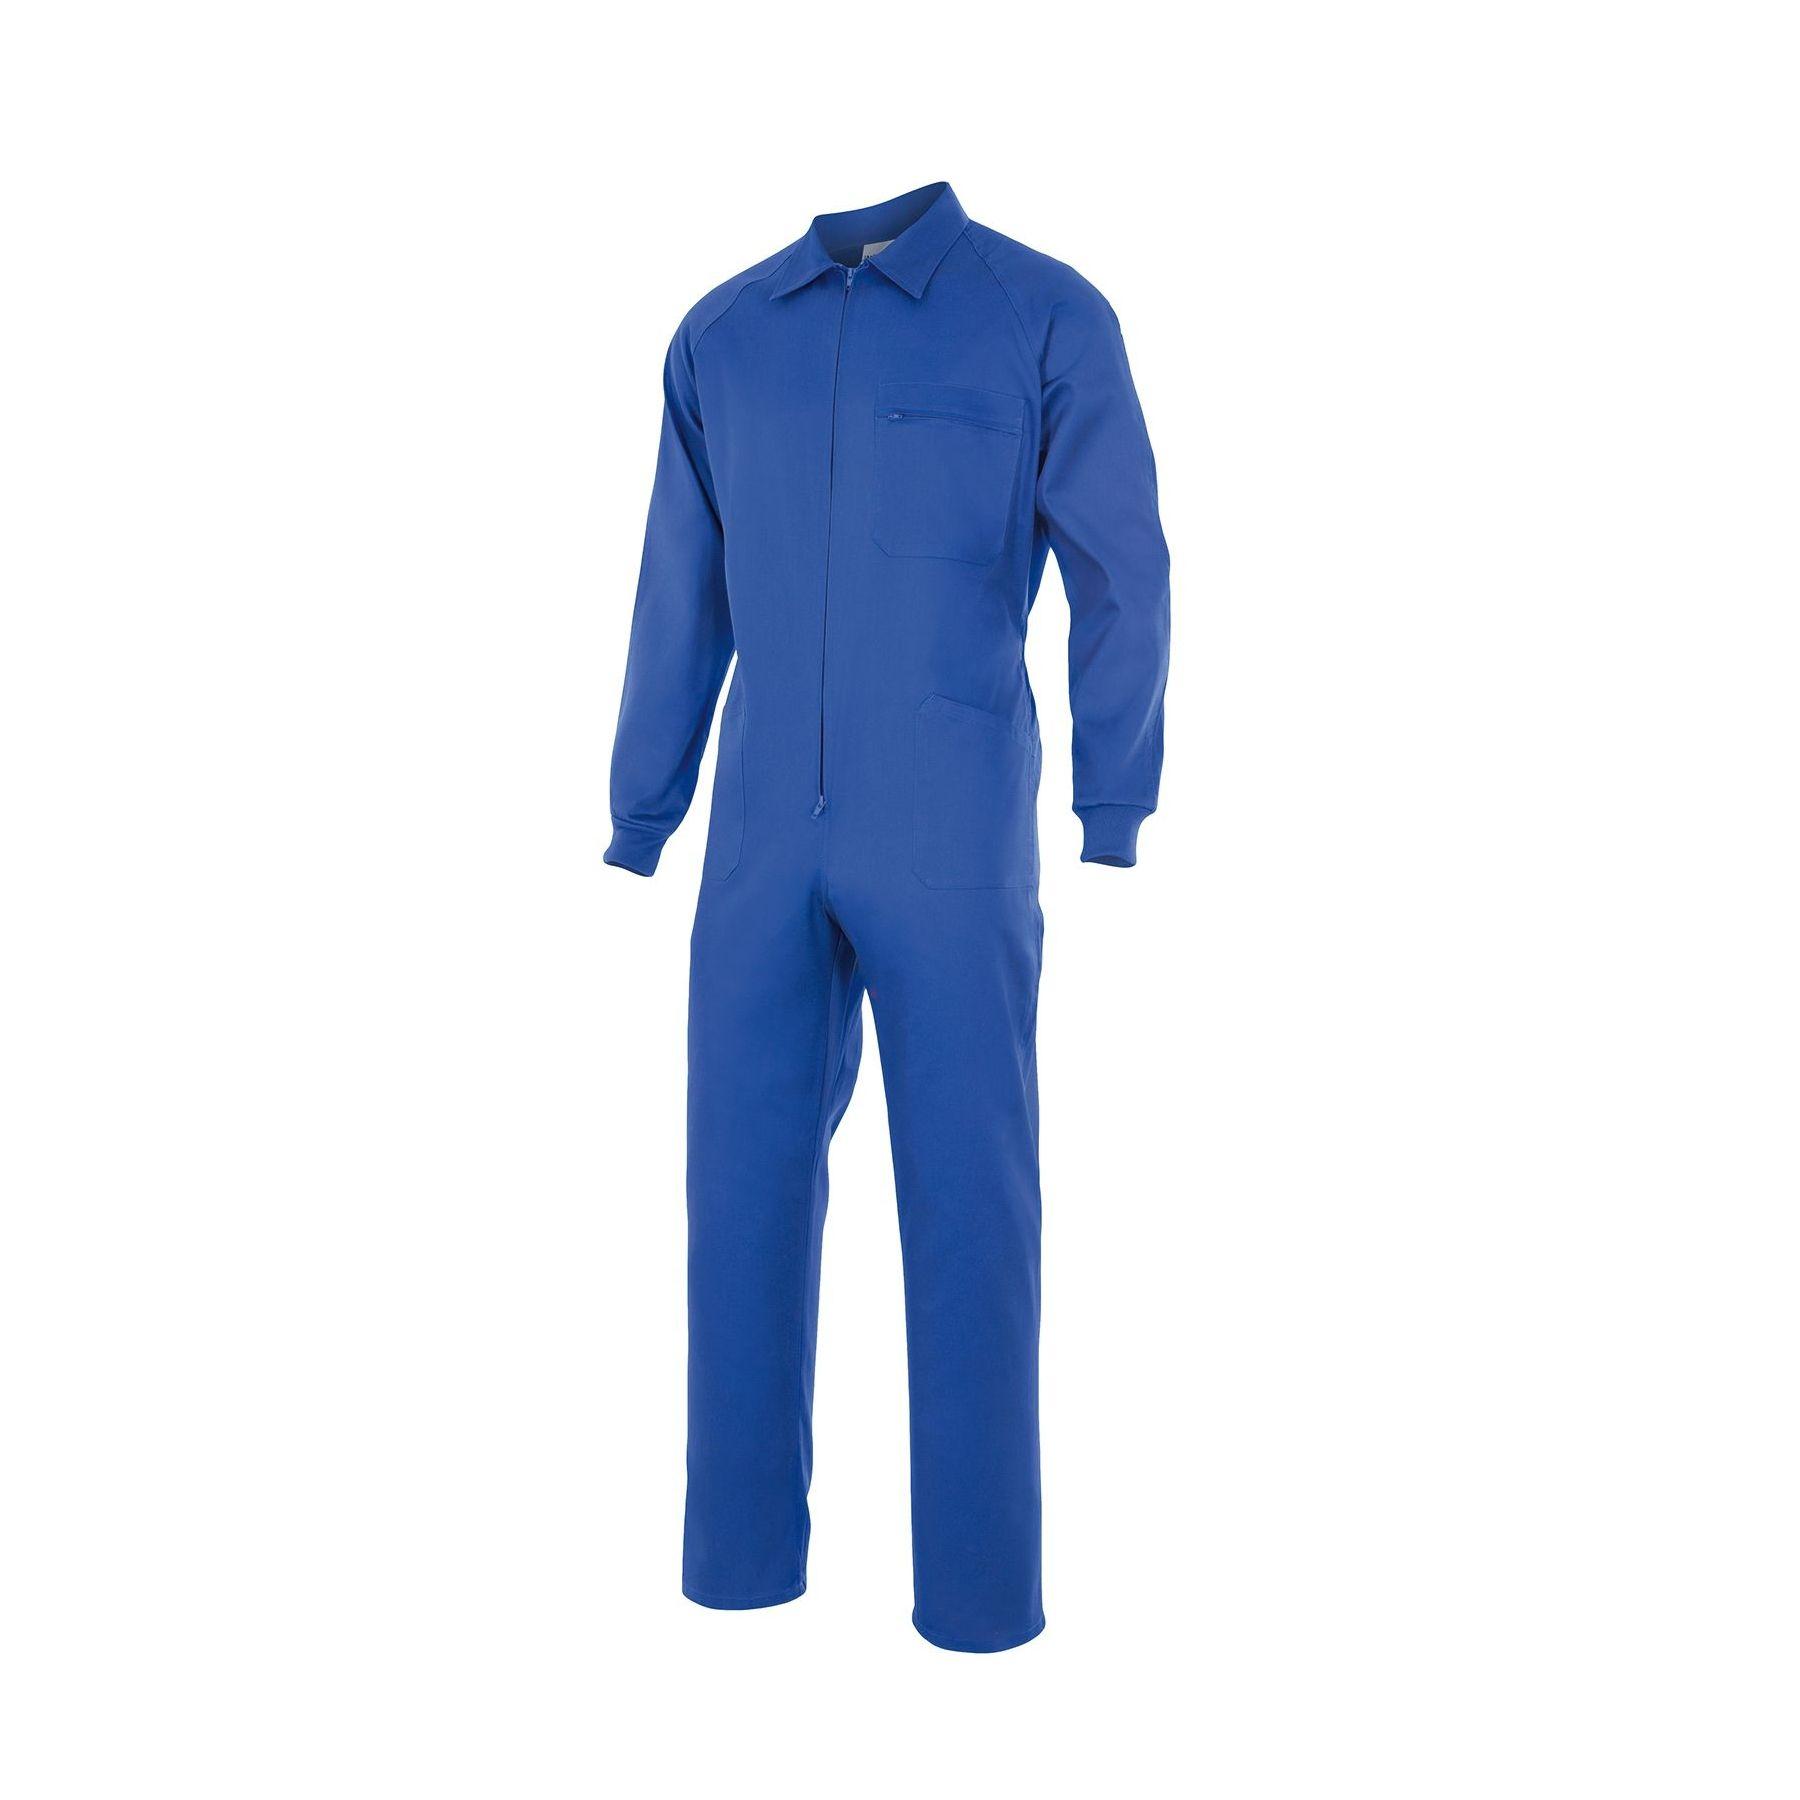 Mono cintura elástica (ref: 21600, varias tallas disponibles)